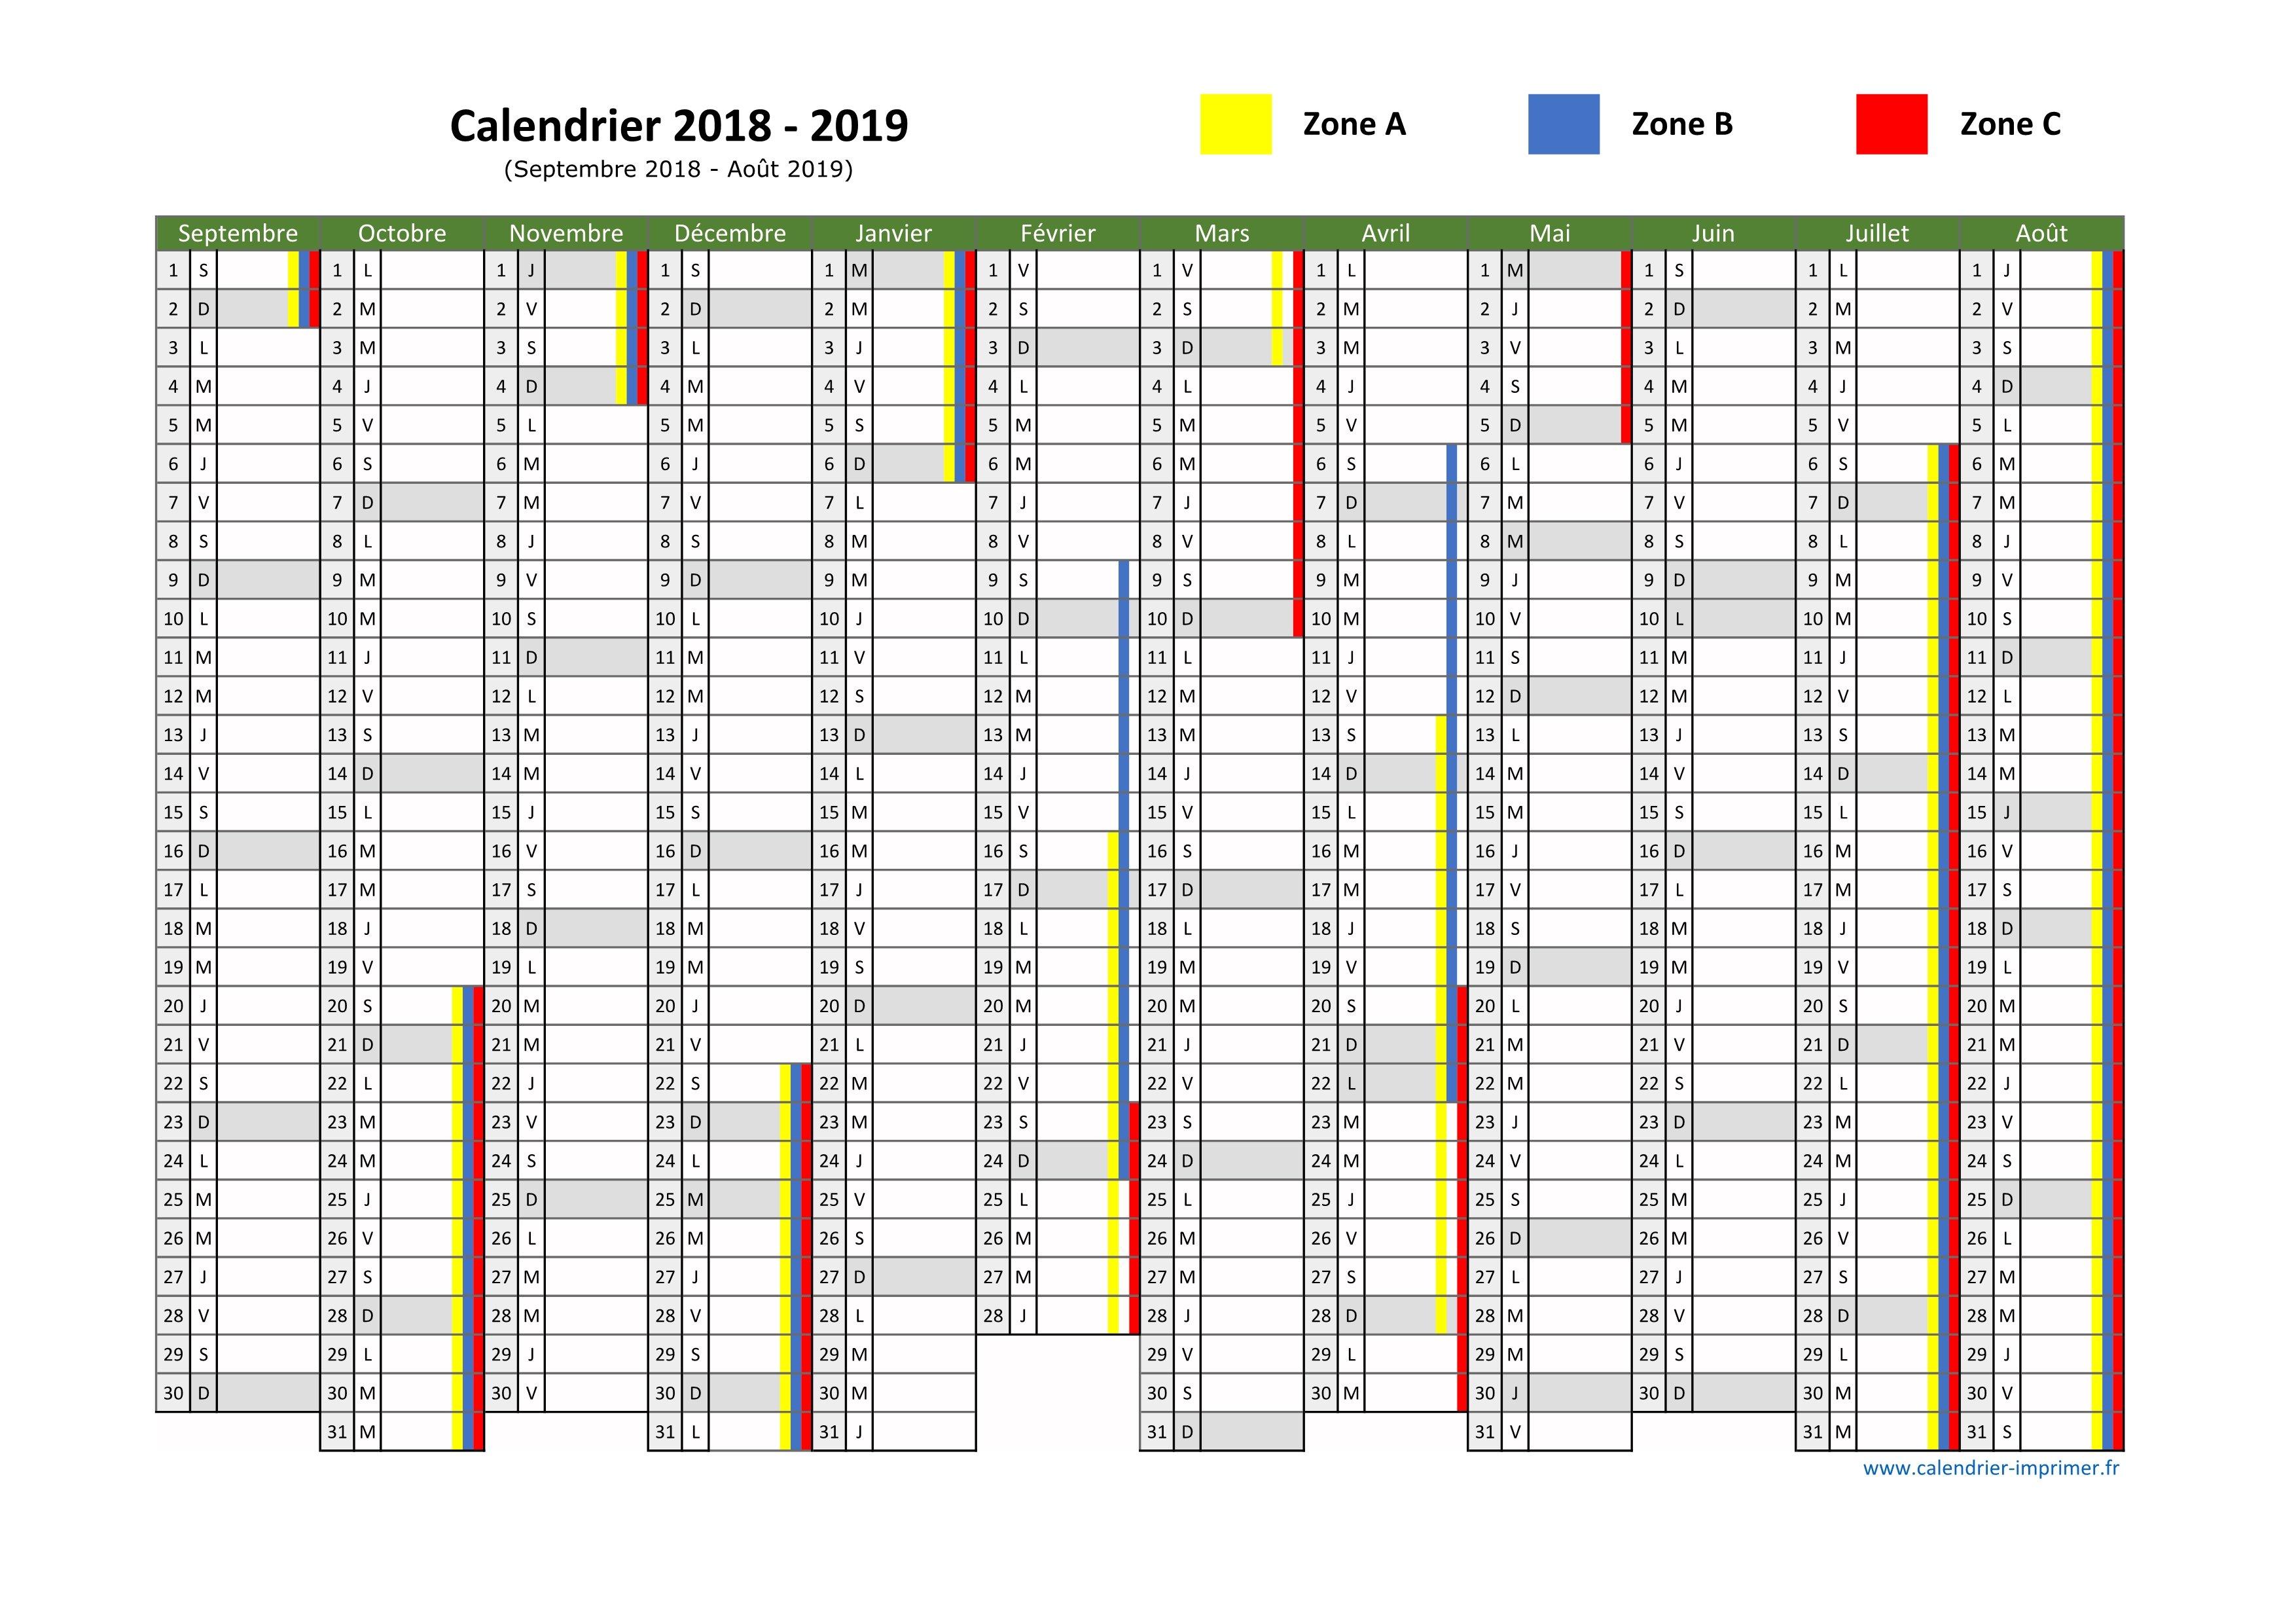 Vacances Scolaires 2018 2019